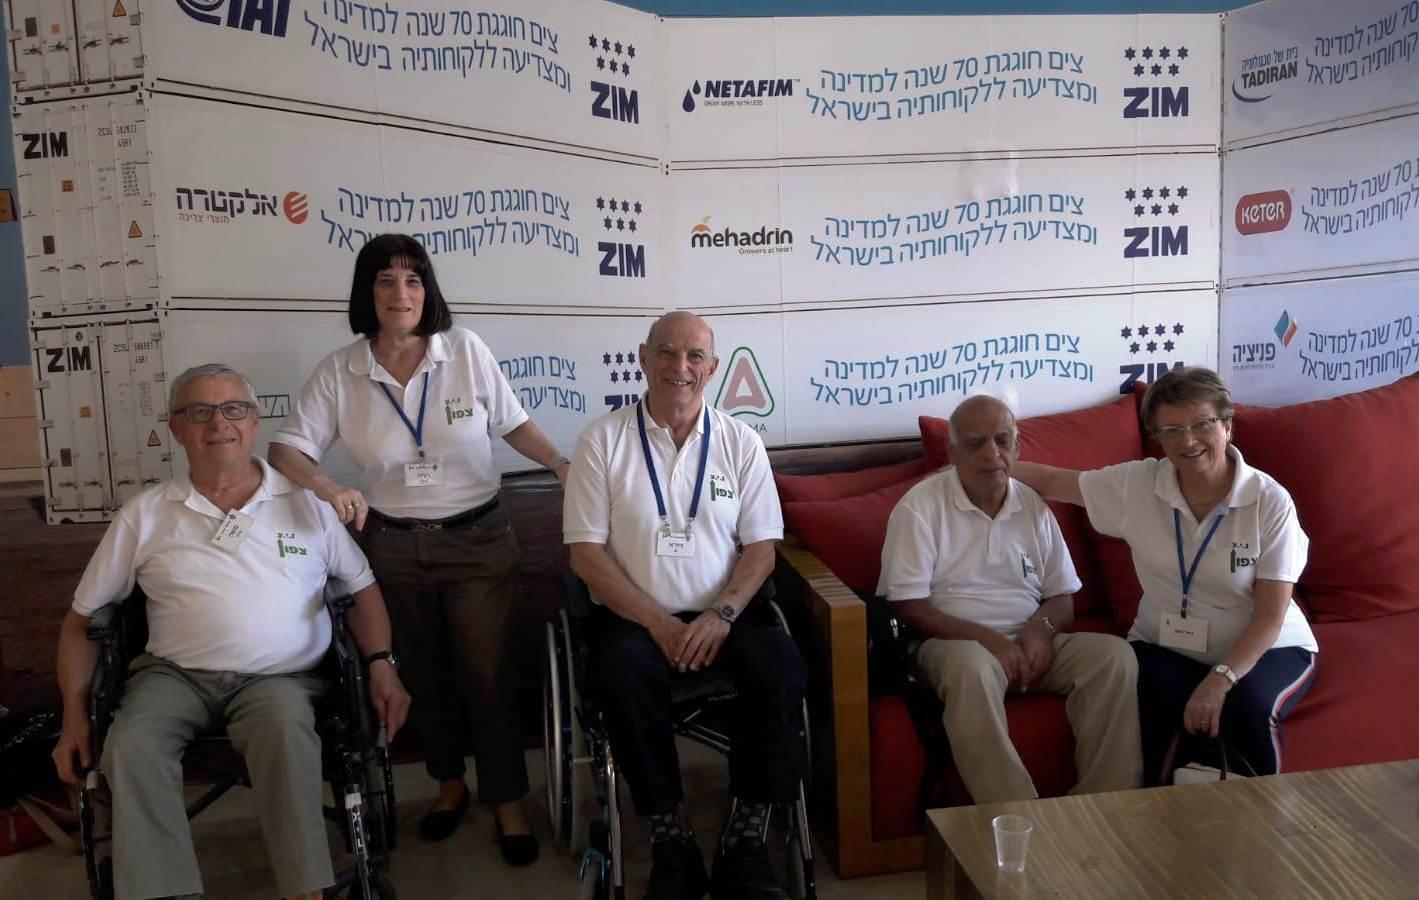 מתנדבי נגישות ישראל צפון בצים (צילום: מתנדבי נ.י.צ שהיו במיזם)